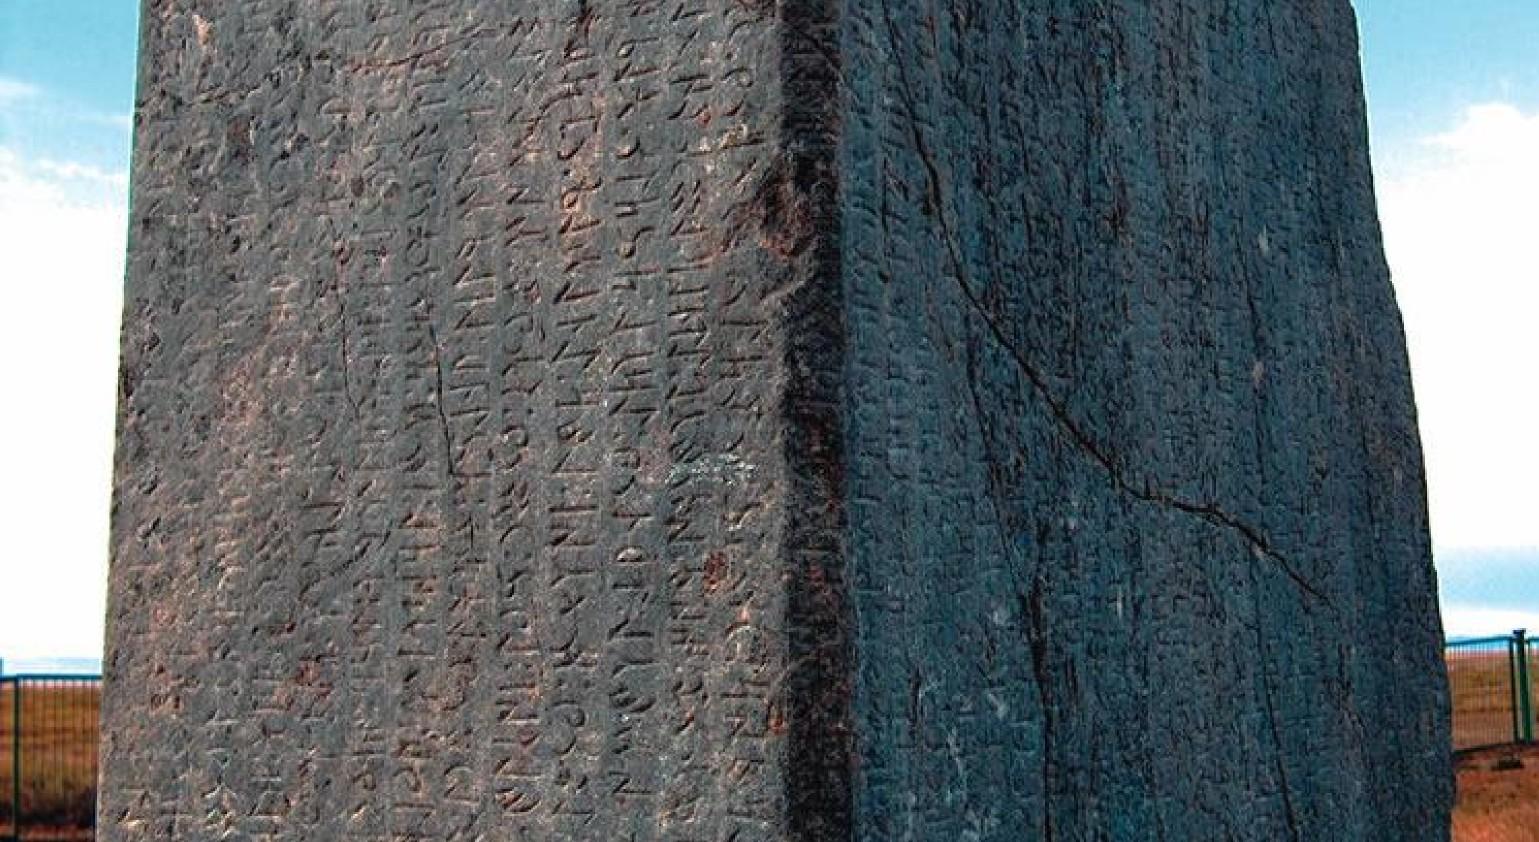 Orhun Yazıtları - Kültiğin Yazıtı güney ve doğu yüzünde Göktürkçe yazılar